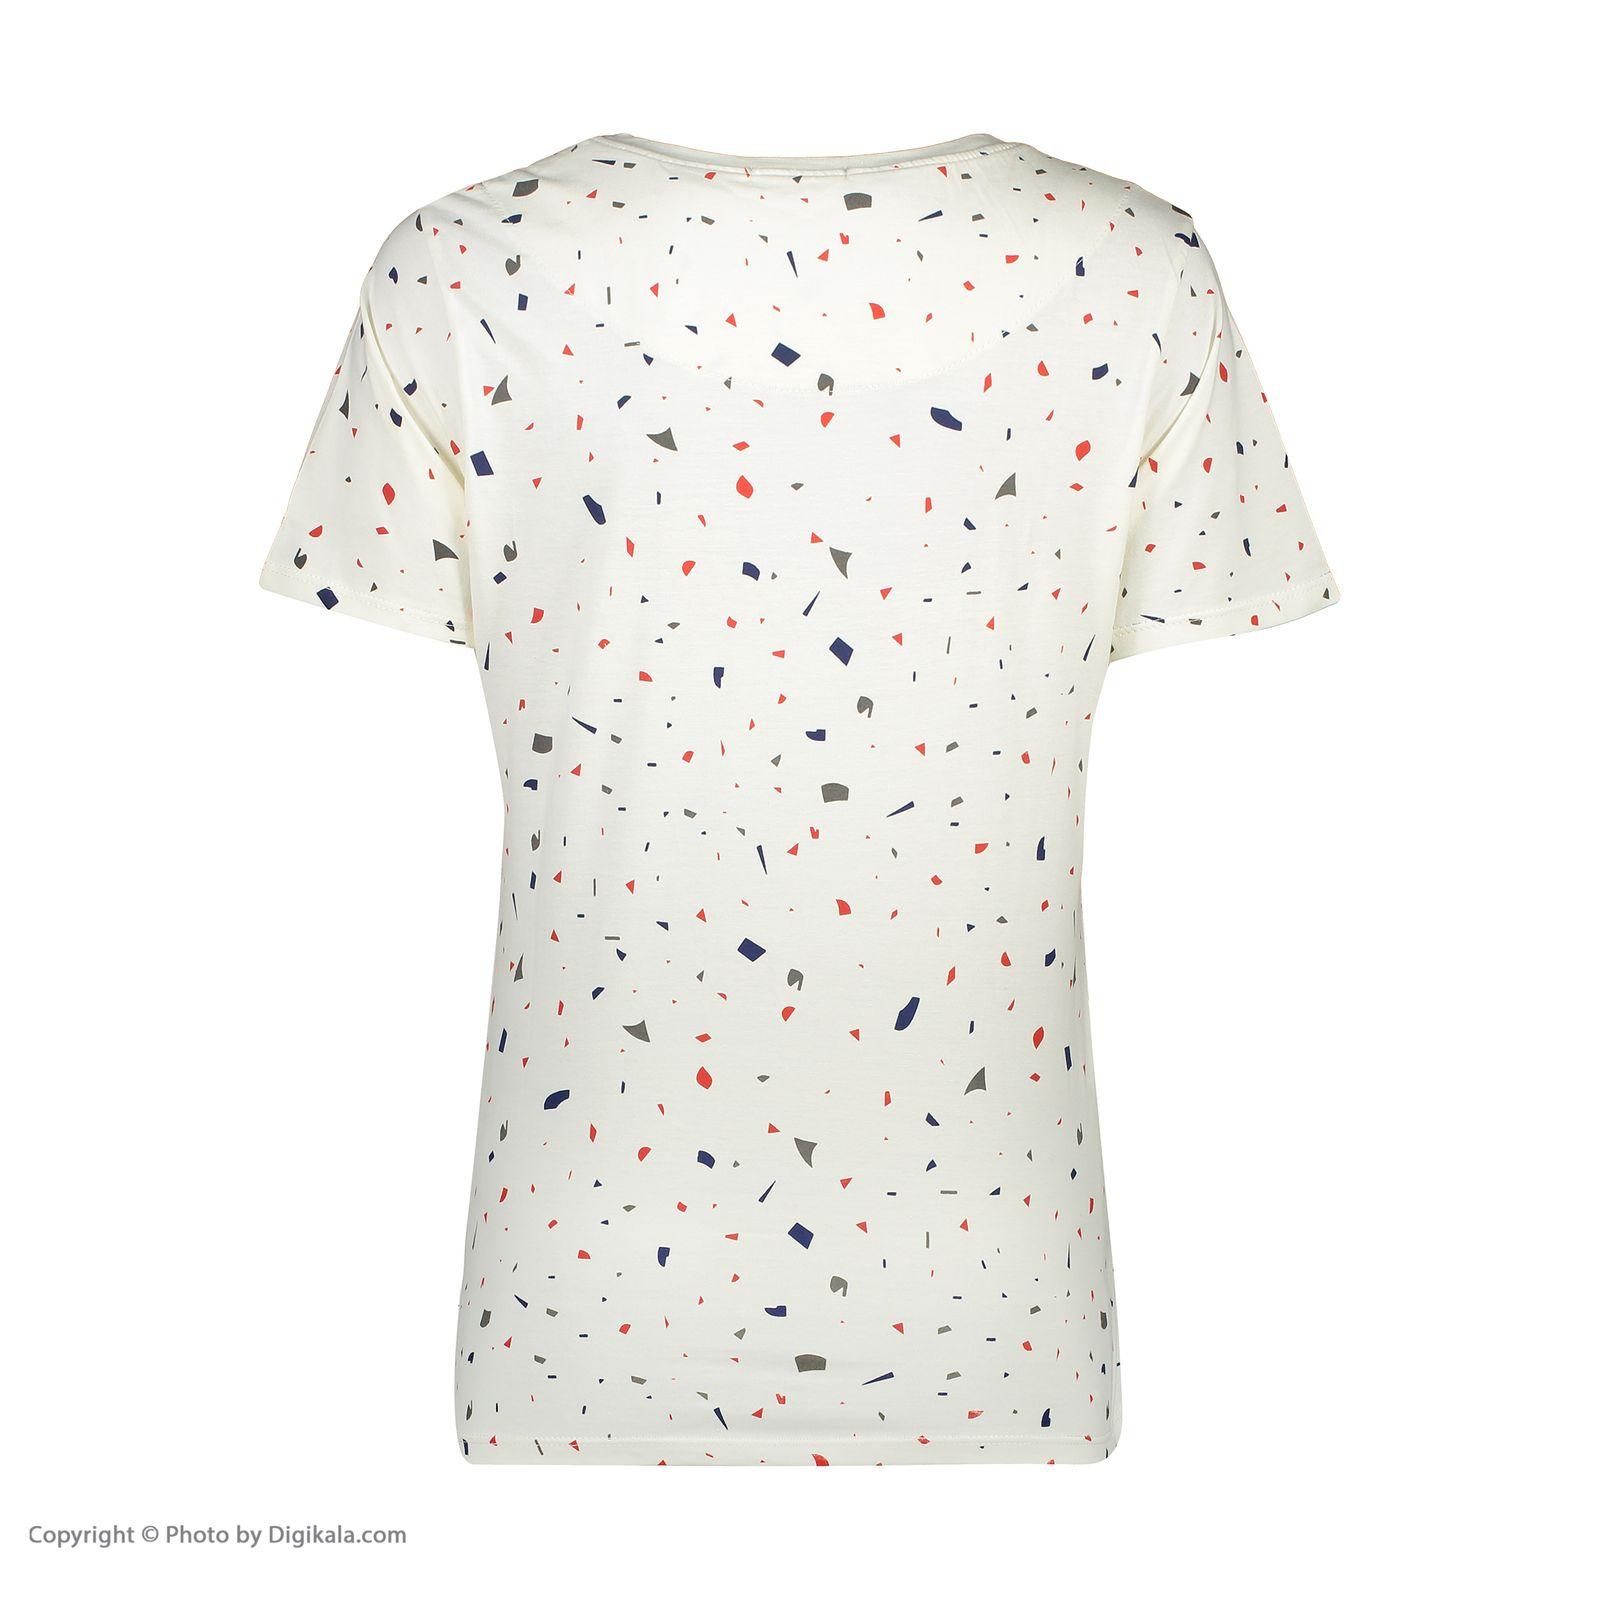 ست تی شرت و شلوارک راحتی زنانه مادر مدل 2041103-84 -  - 6